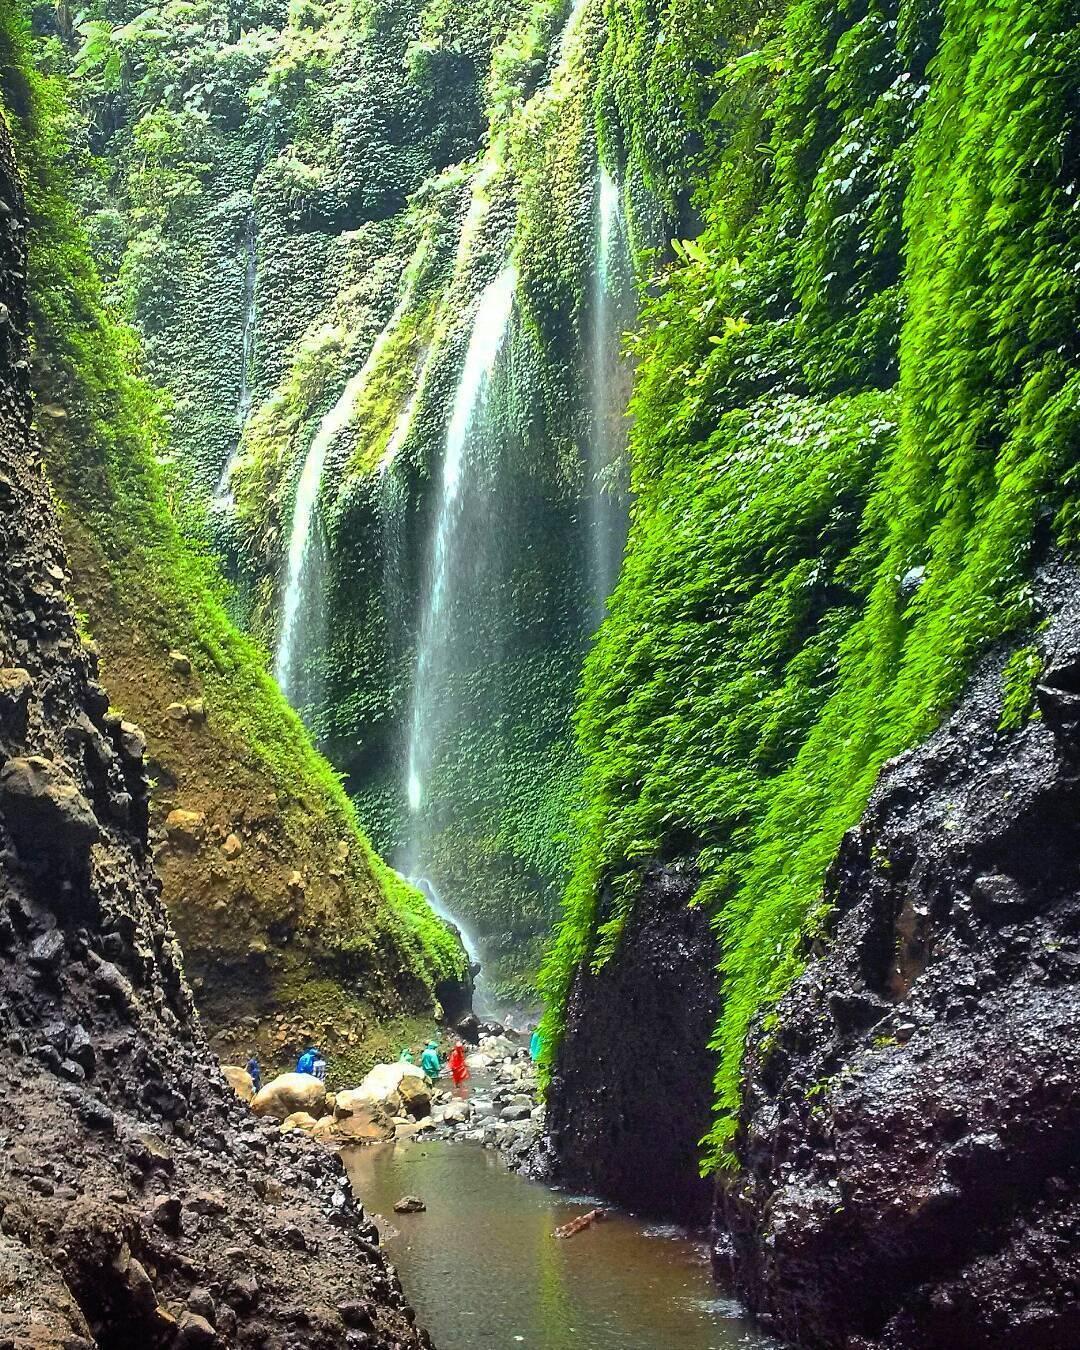 Air Terjun Madakaripura Tawarkan Hujan Abadi Eksotis Image Source Taman